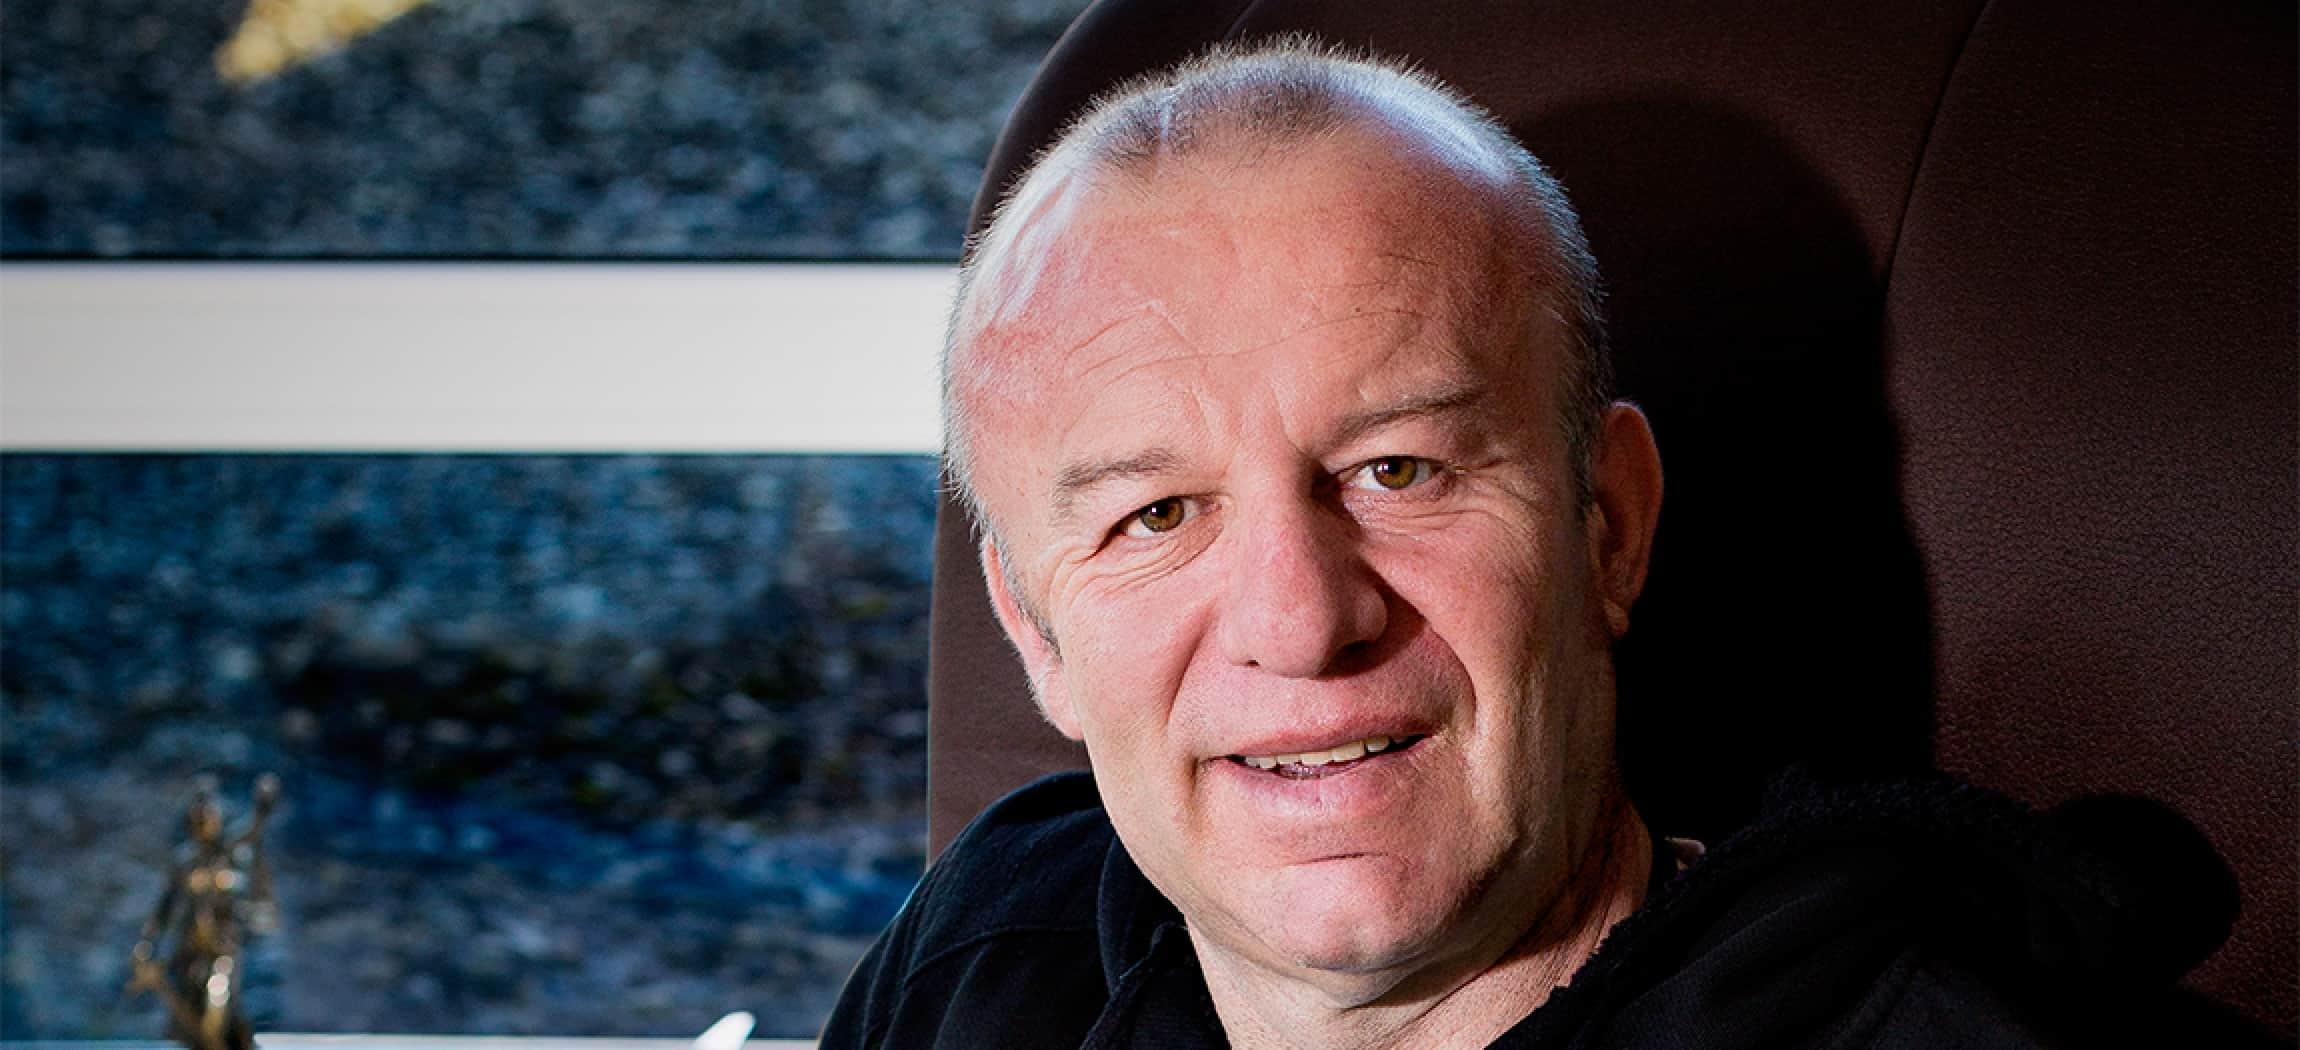 Meneer Beco woont in woonzorgcentrum Floriande Hoofddorp - uit de serie Mensen van Amstelring